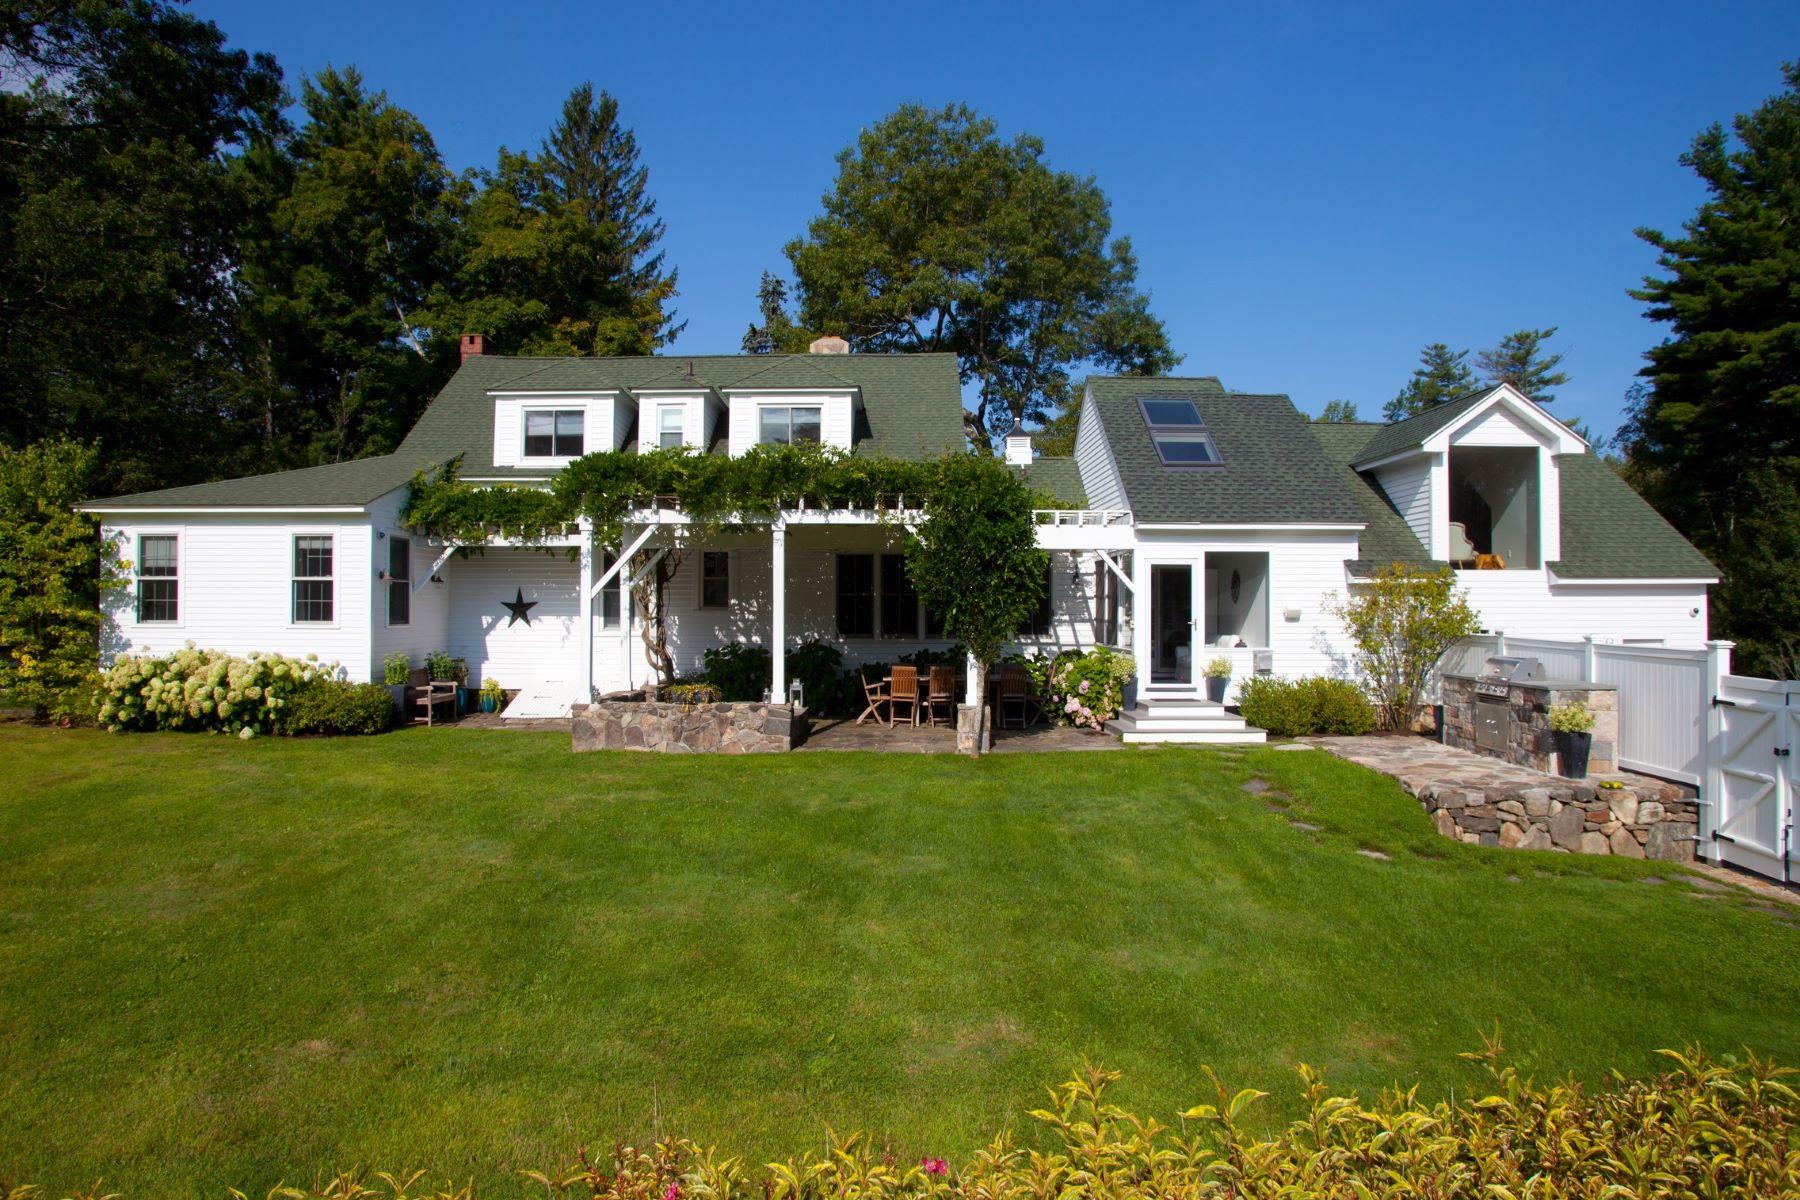 獨棟家庭住宅 為 出售 在 Classy 1930 Cape Cod 101 Cornwall Road, Warren, 康涅狄格州, 06754 美國